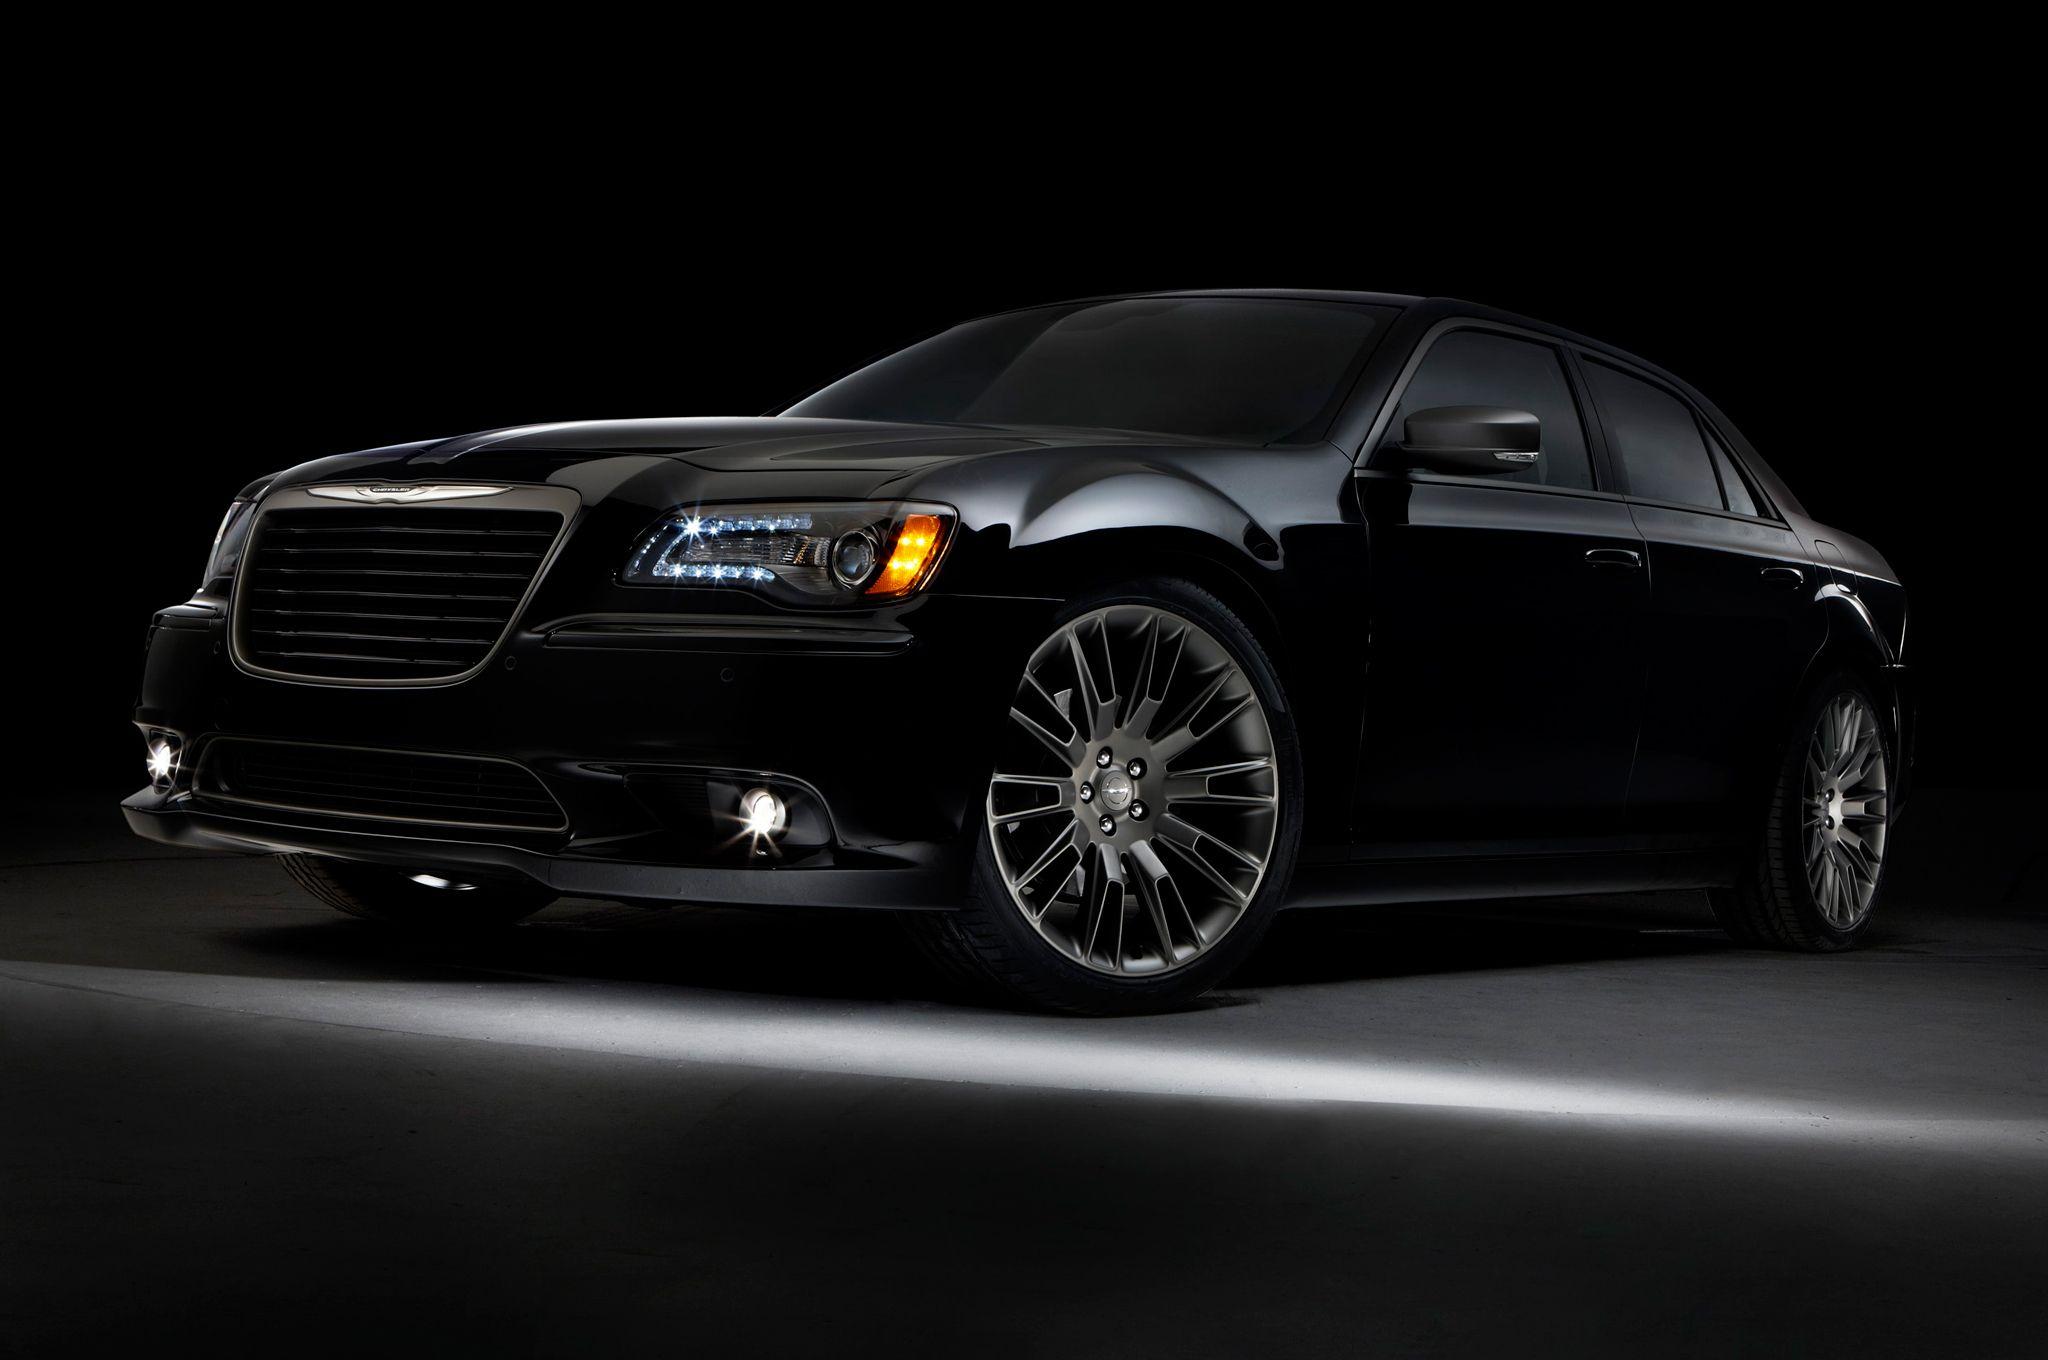 review and driver reviews original s test cars chrysler awd photo v car